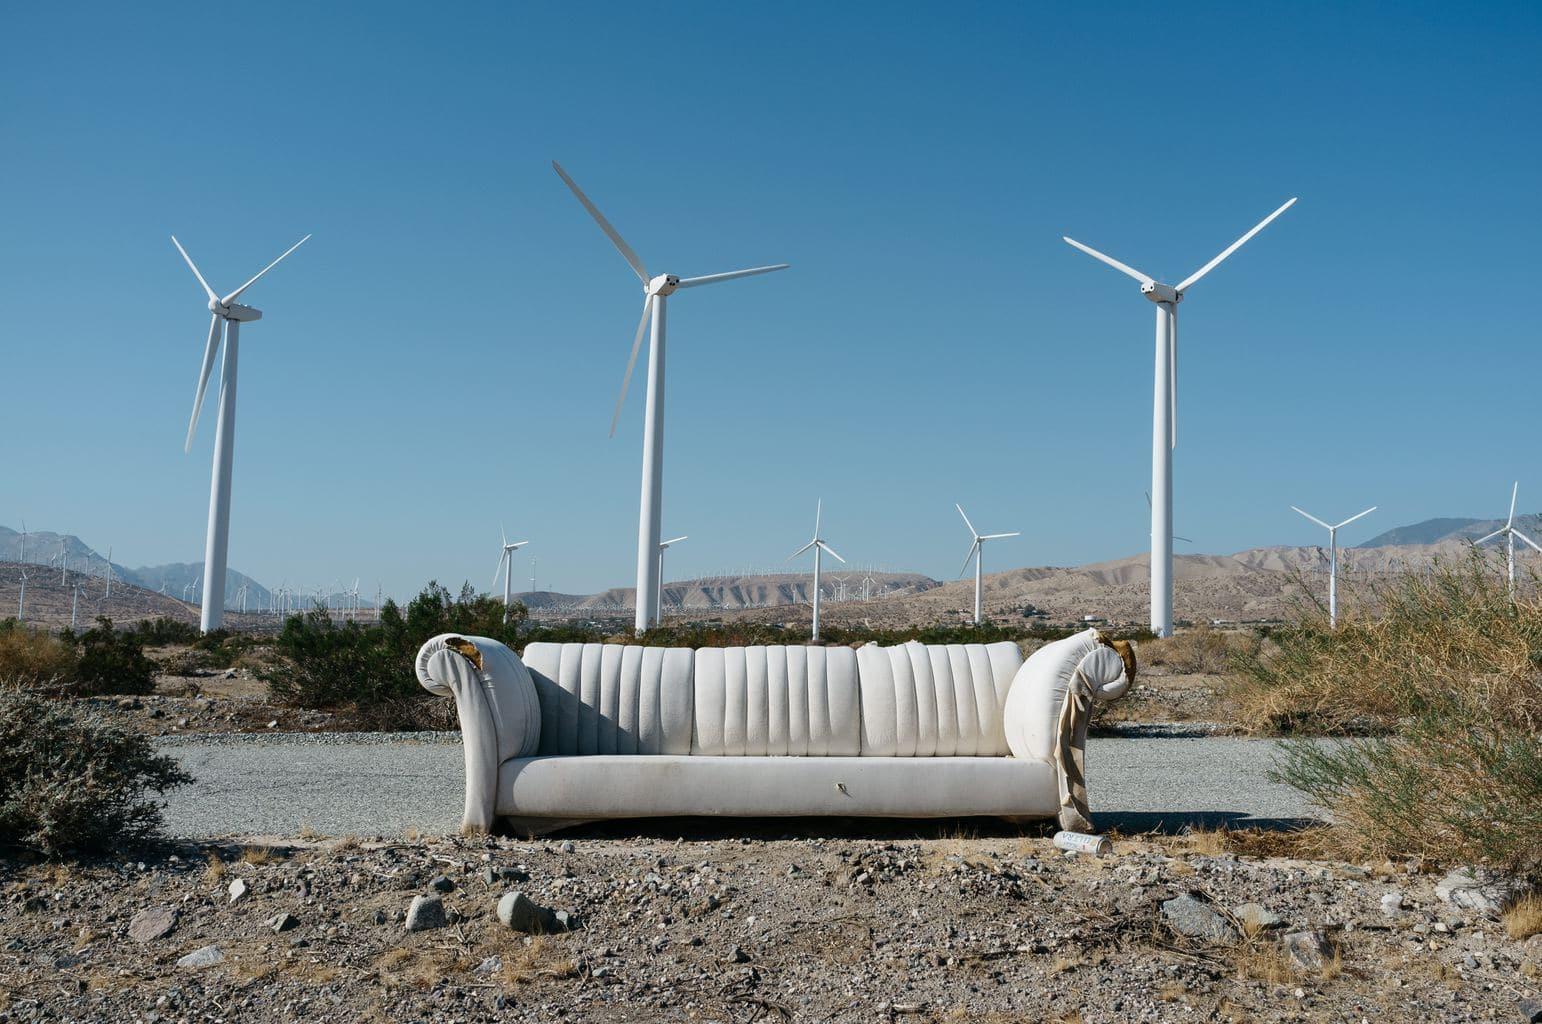 fotografía paisajes de un sofá abandonado